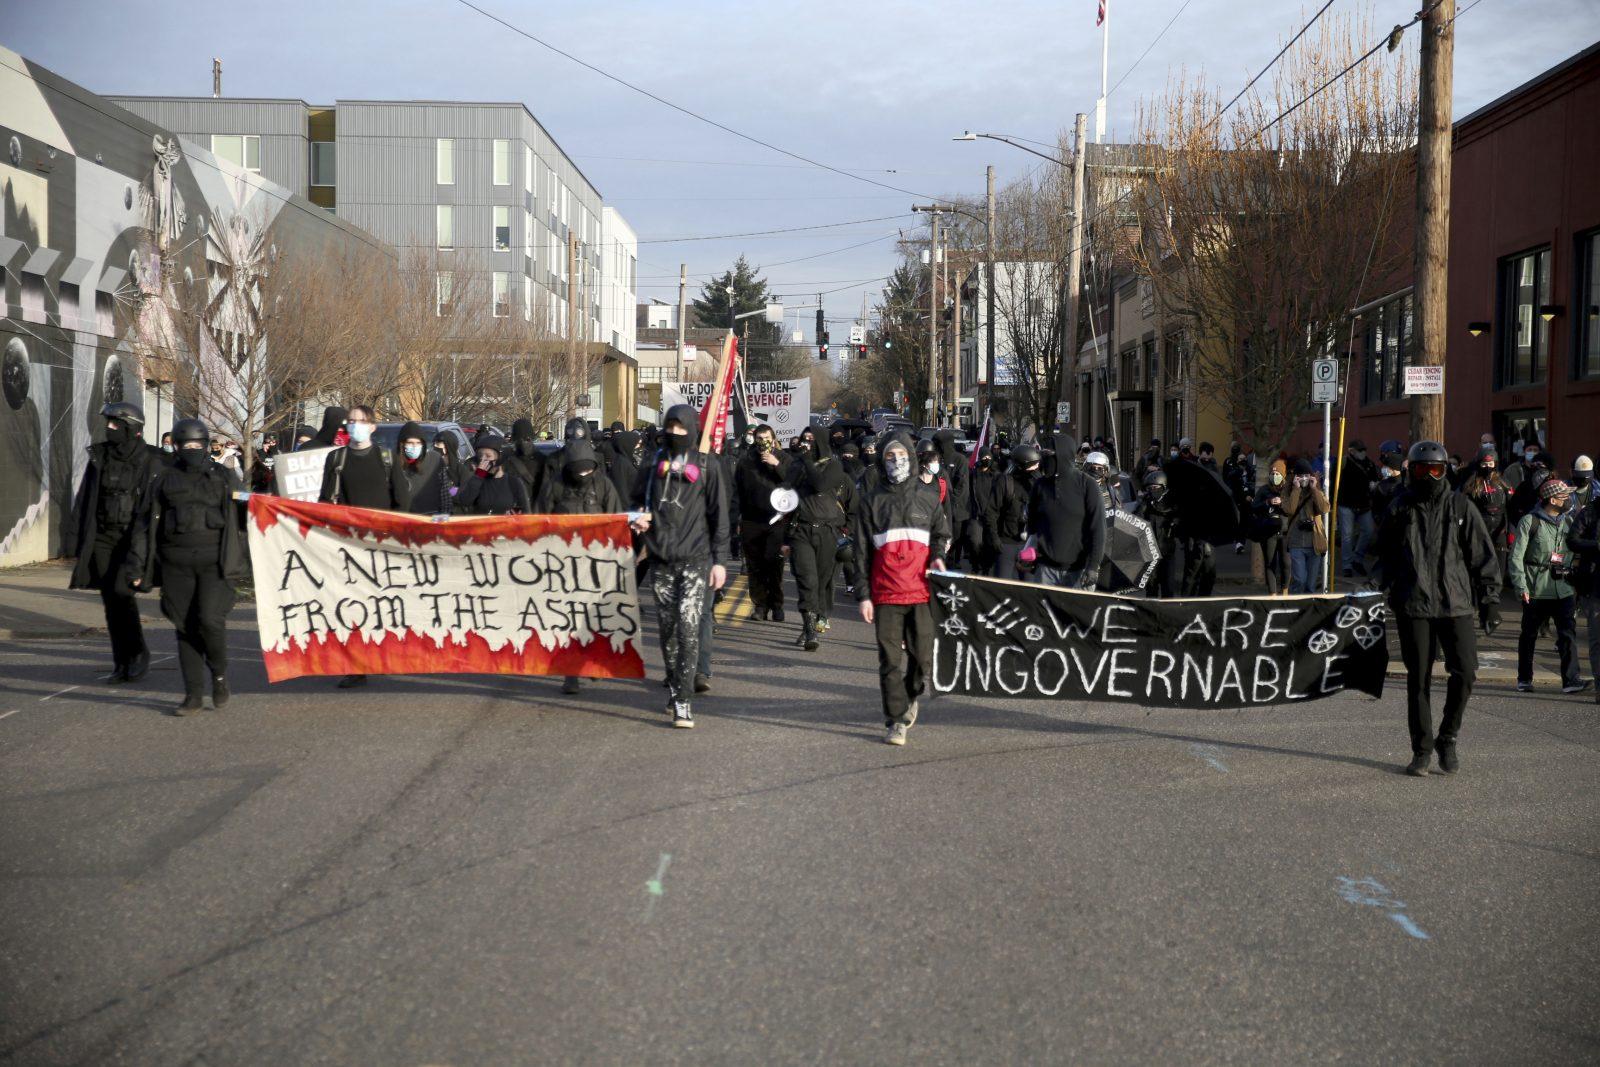 Die Linksextremen demonstrieren gegen die neue US-Regierung Foto: picture alliance / ASSOCIATED PRESS | Dave Killen